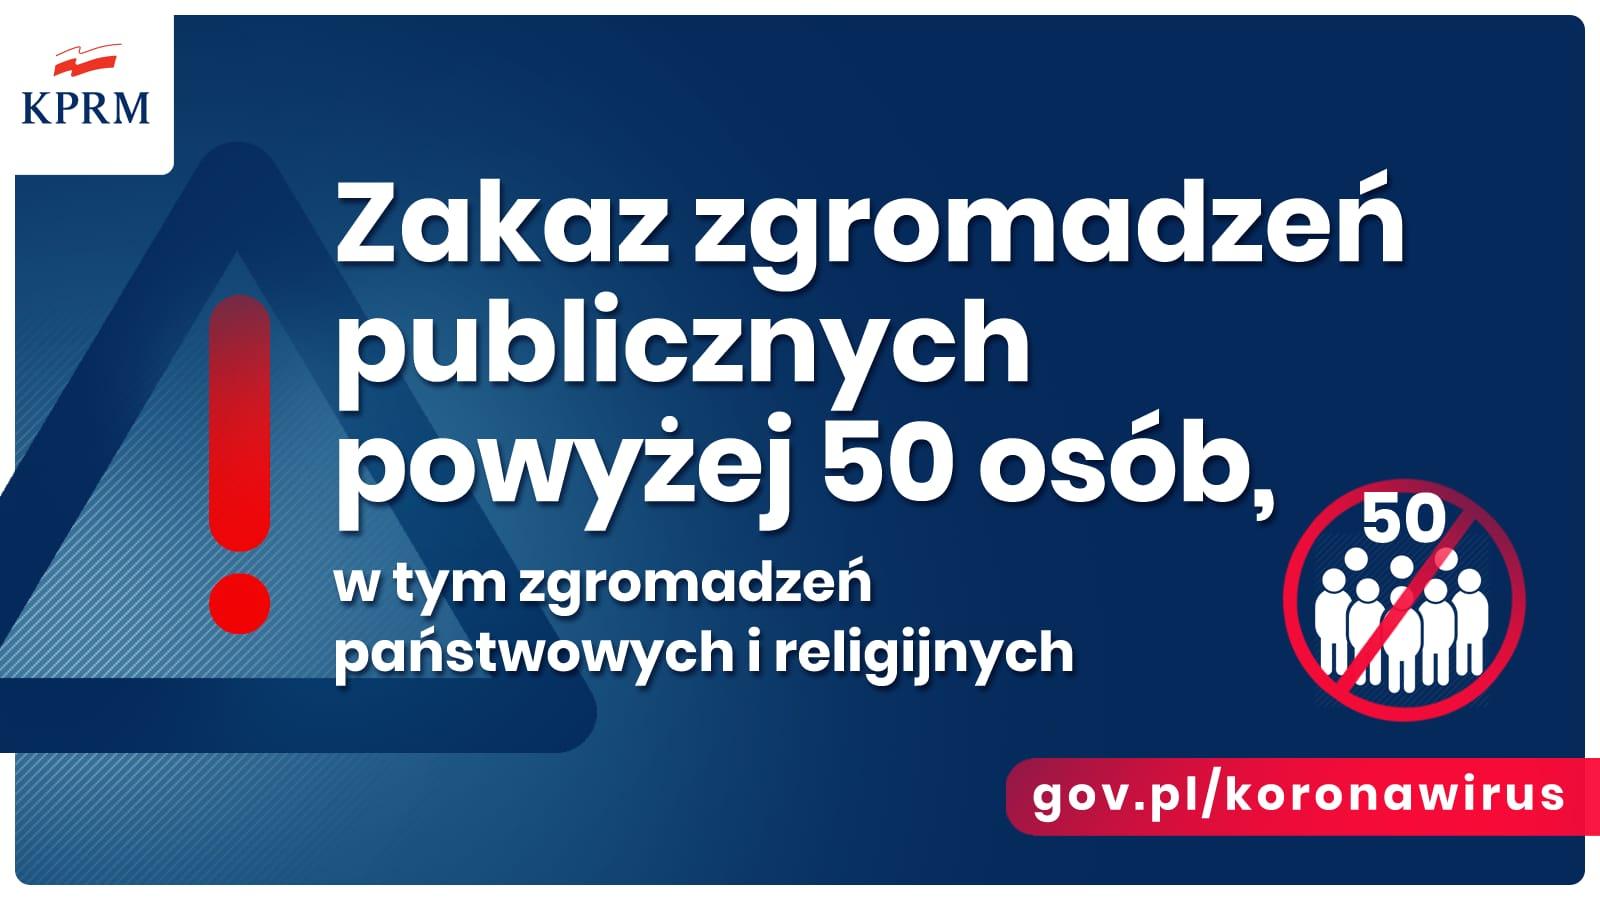 Власти Польши закрывают границы. Всех, кто въезжает в страну - на карантин. Иностранцев не пустят. Поезда отменены